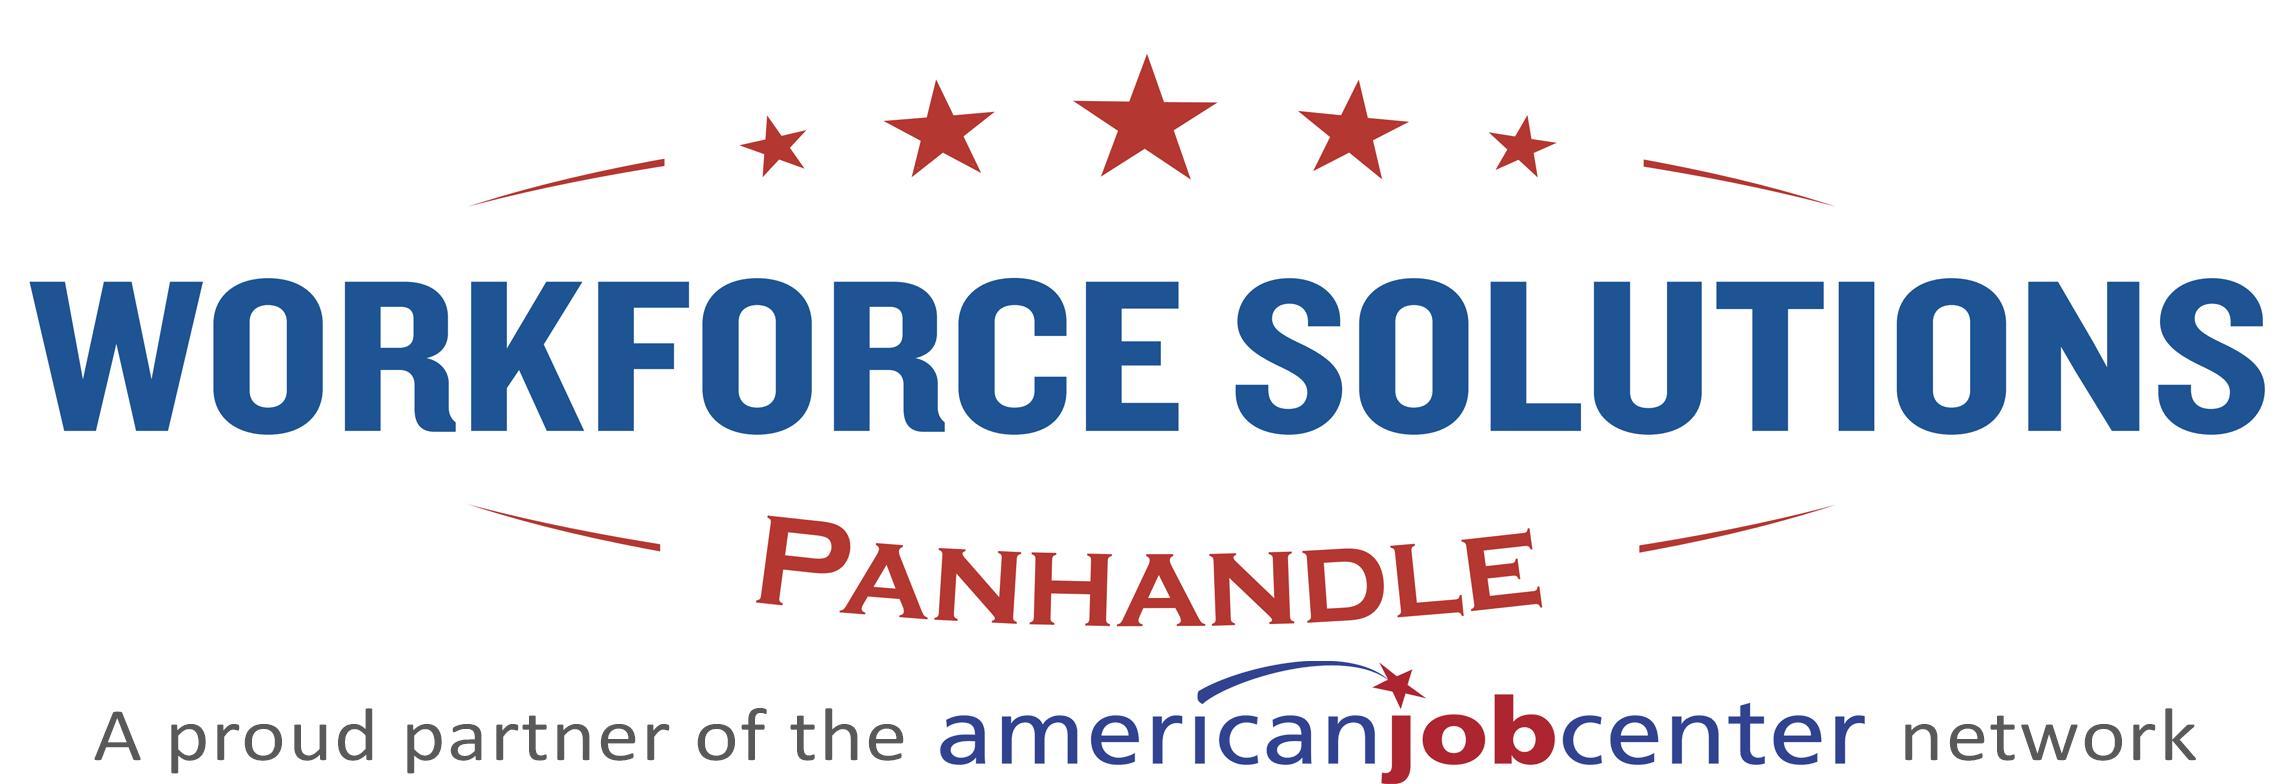 Workforce Solutions Panhandle